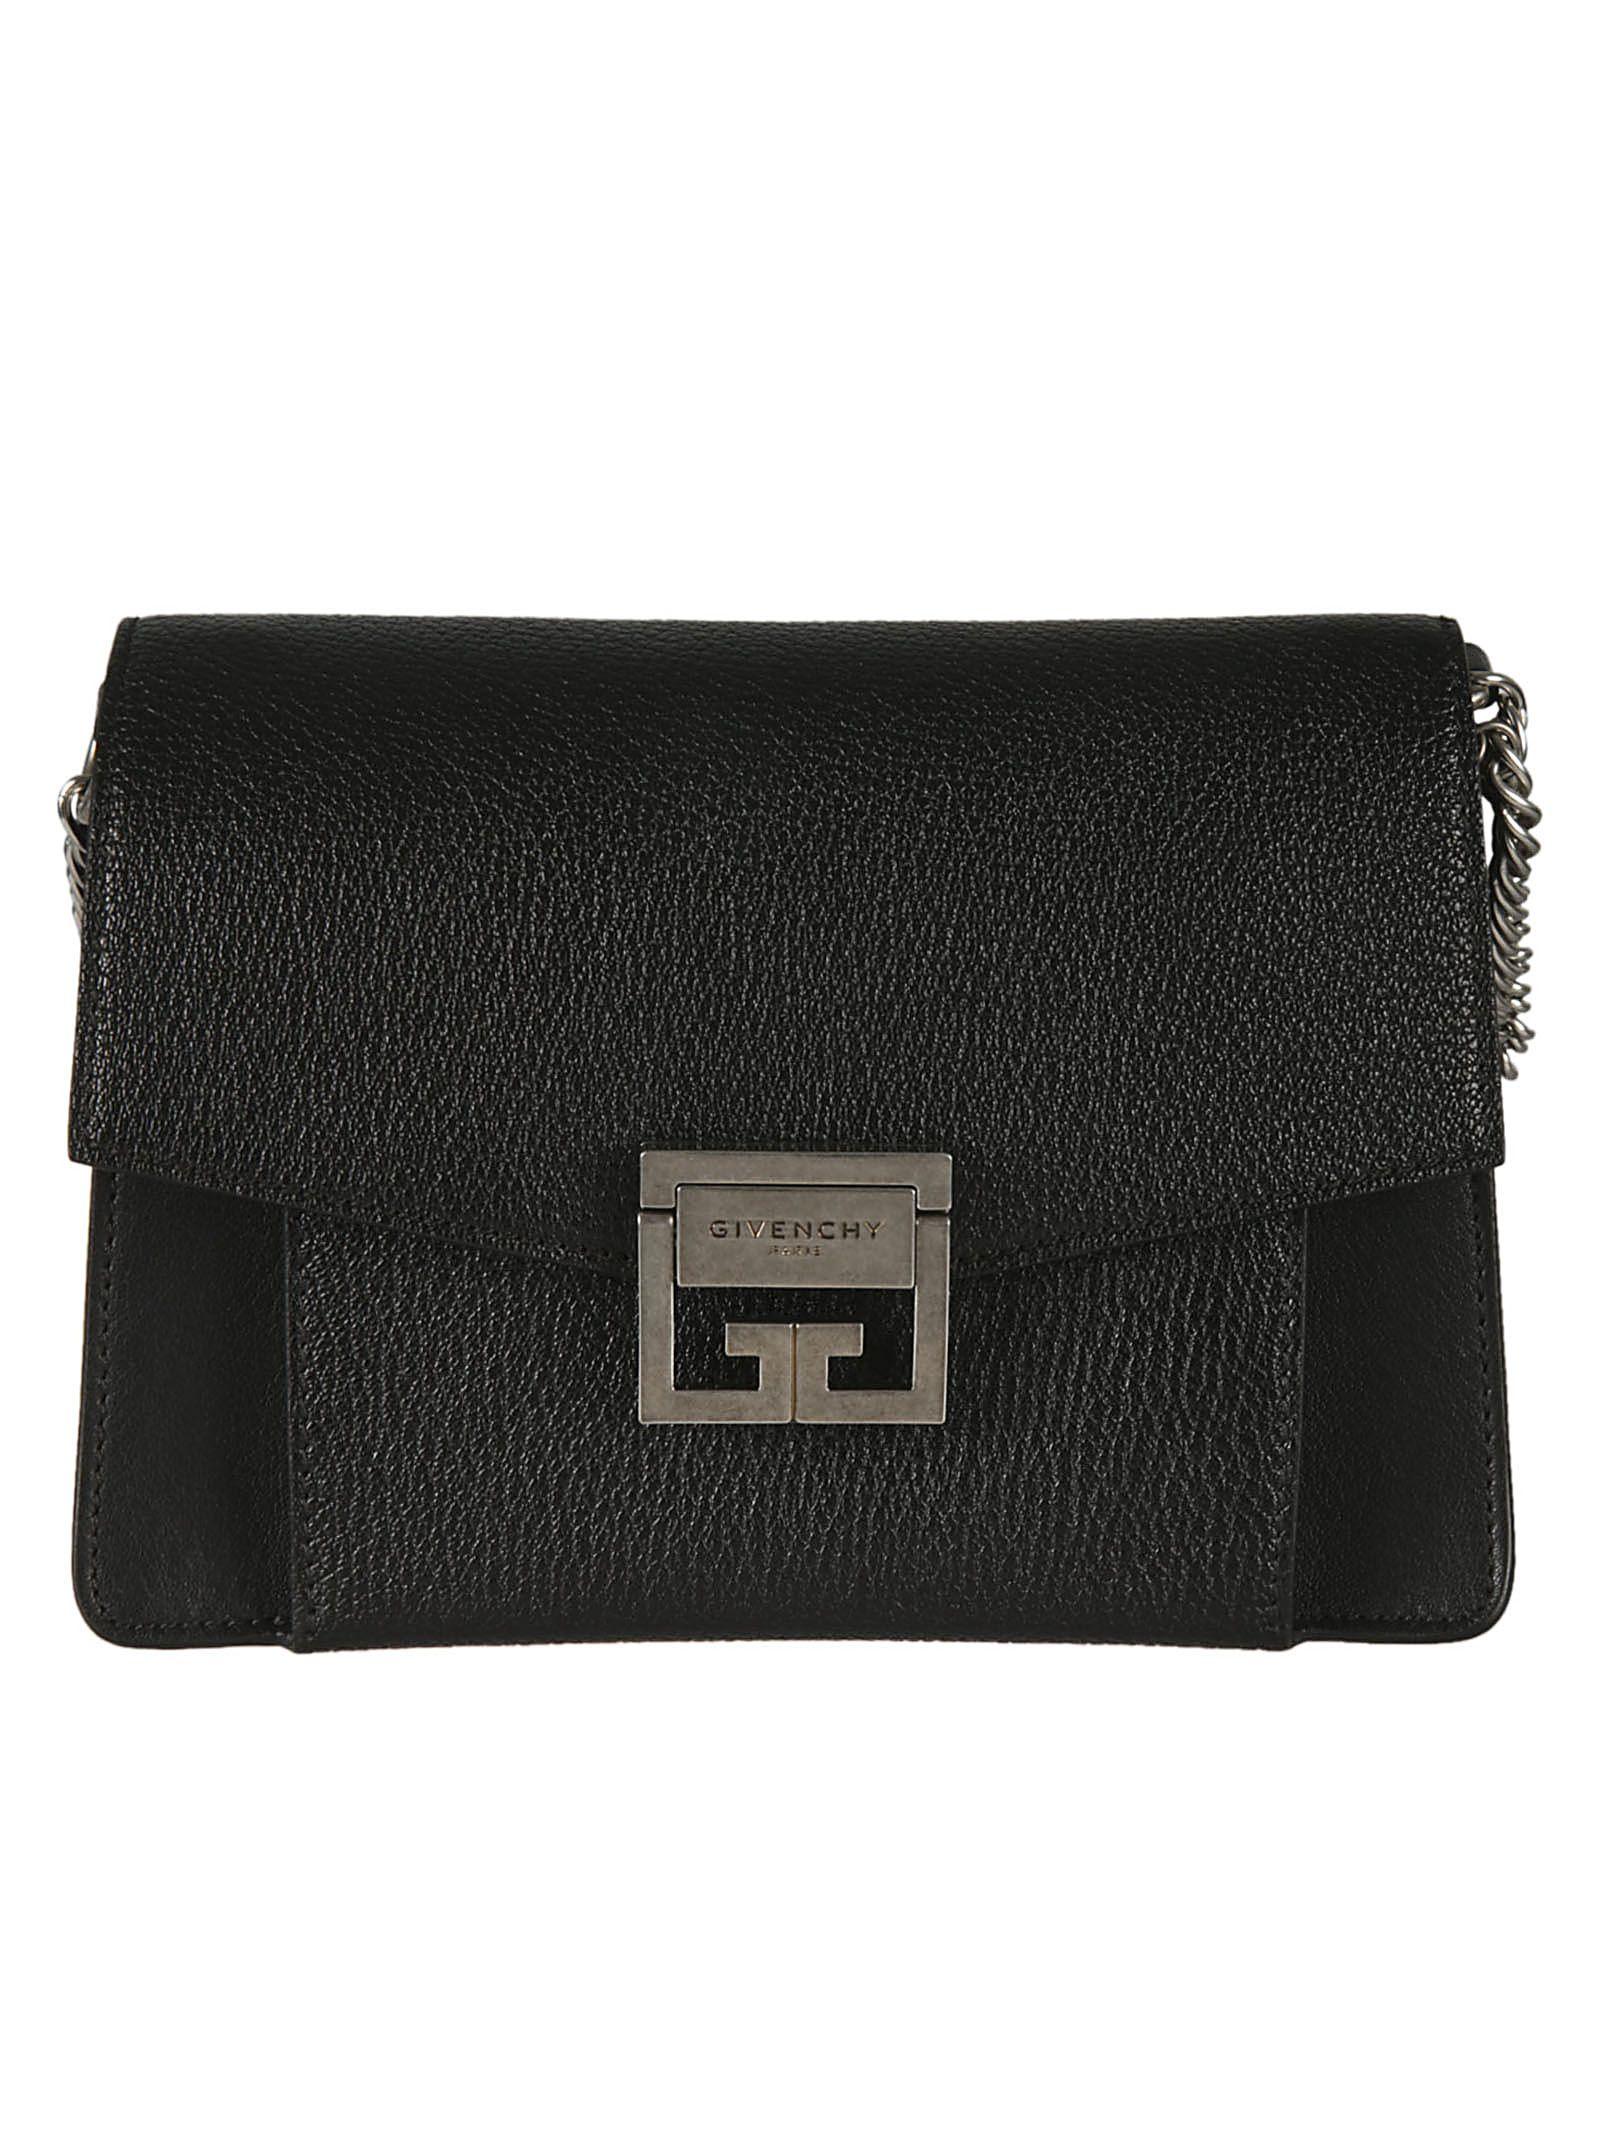 ddb0db6b7a Givenchy Givenchy Gv3 Small Shoulder Bag - Black - 10790346